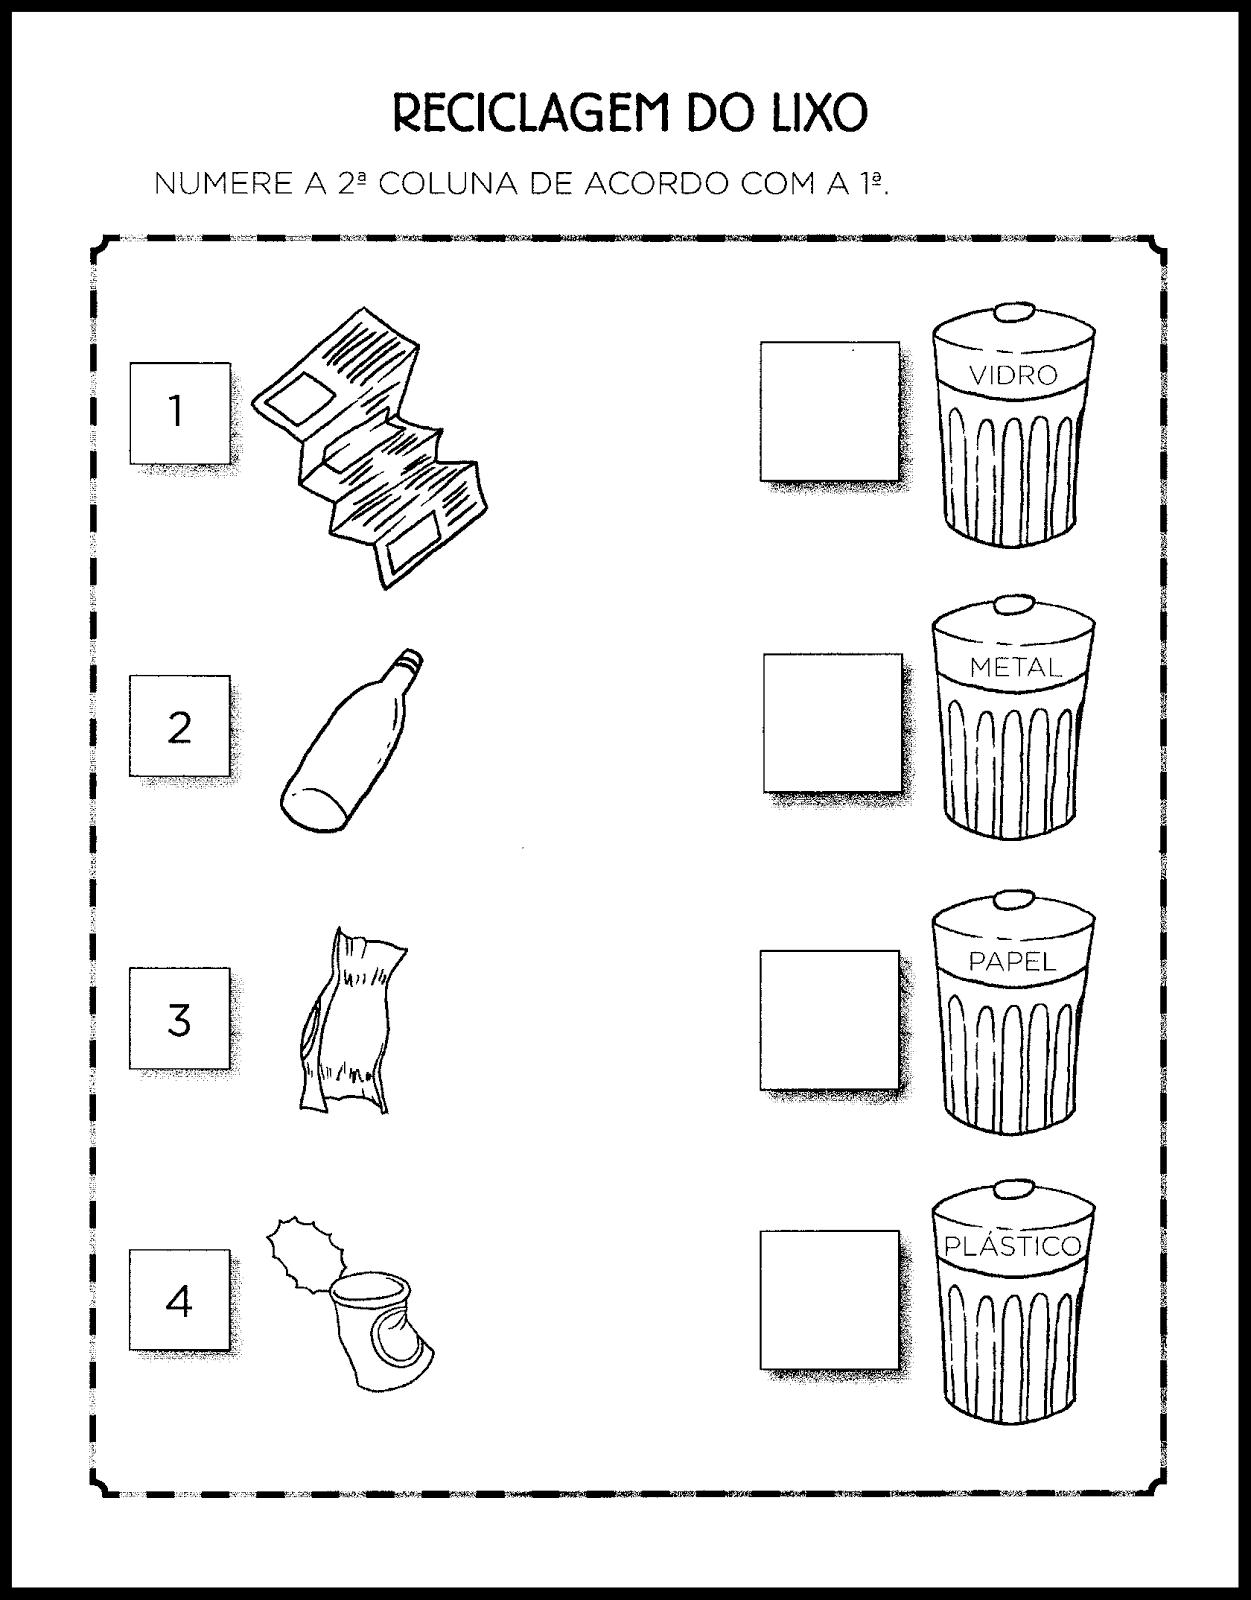 Atividades Sobre Reciclagem Do Lixo Para Educacao Infantil So Escola